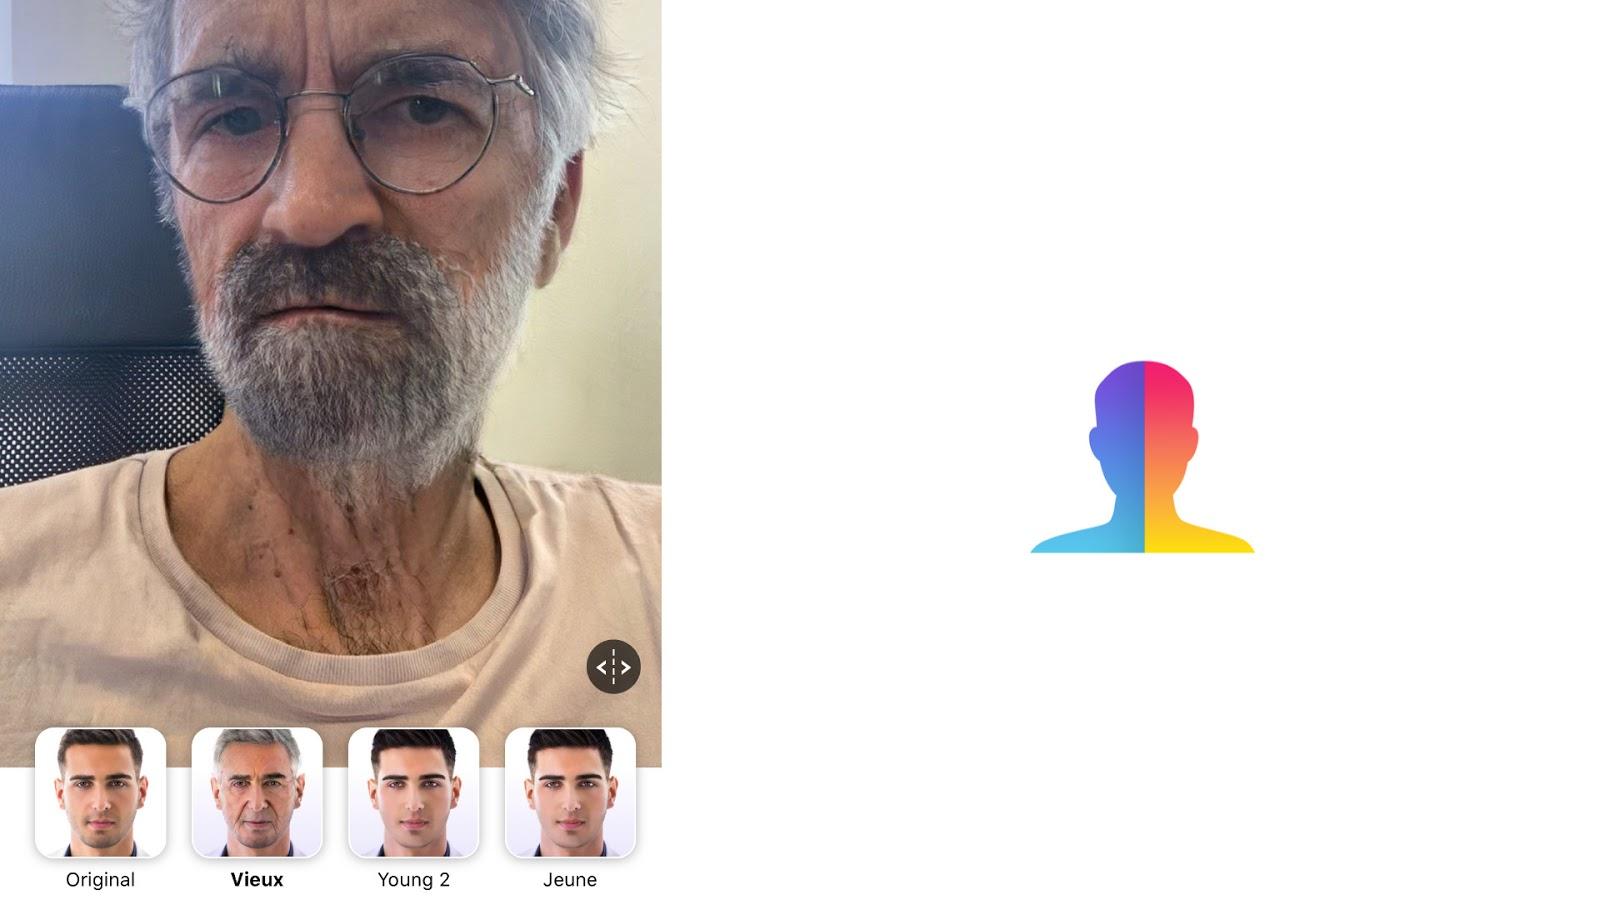 خصوصيتك في خطر ! ... هكذا تحذف صورتك من قواعد بيانات تطبيق FaceApp